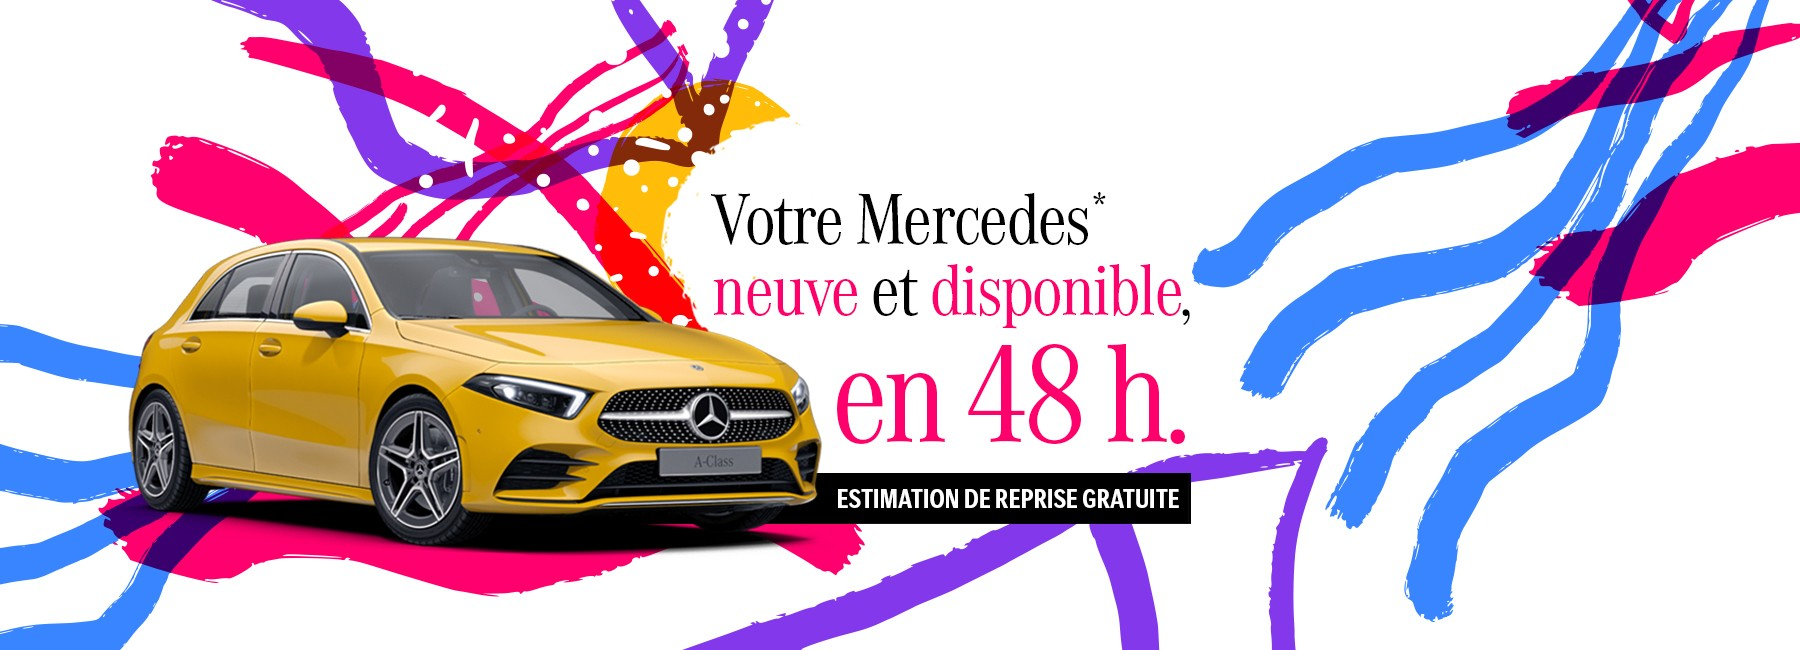 Votre Mercedes en 48h.